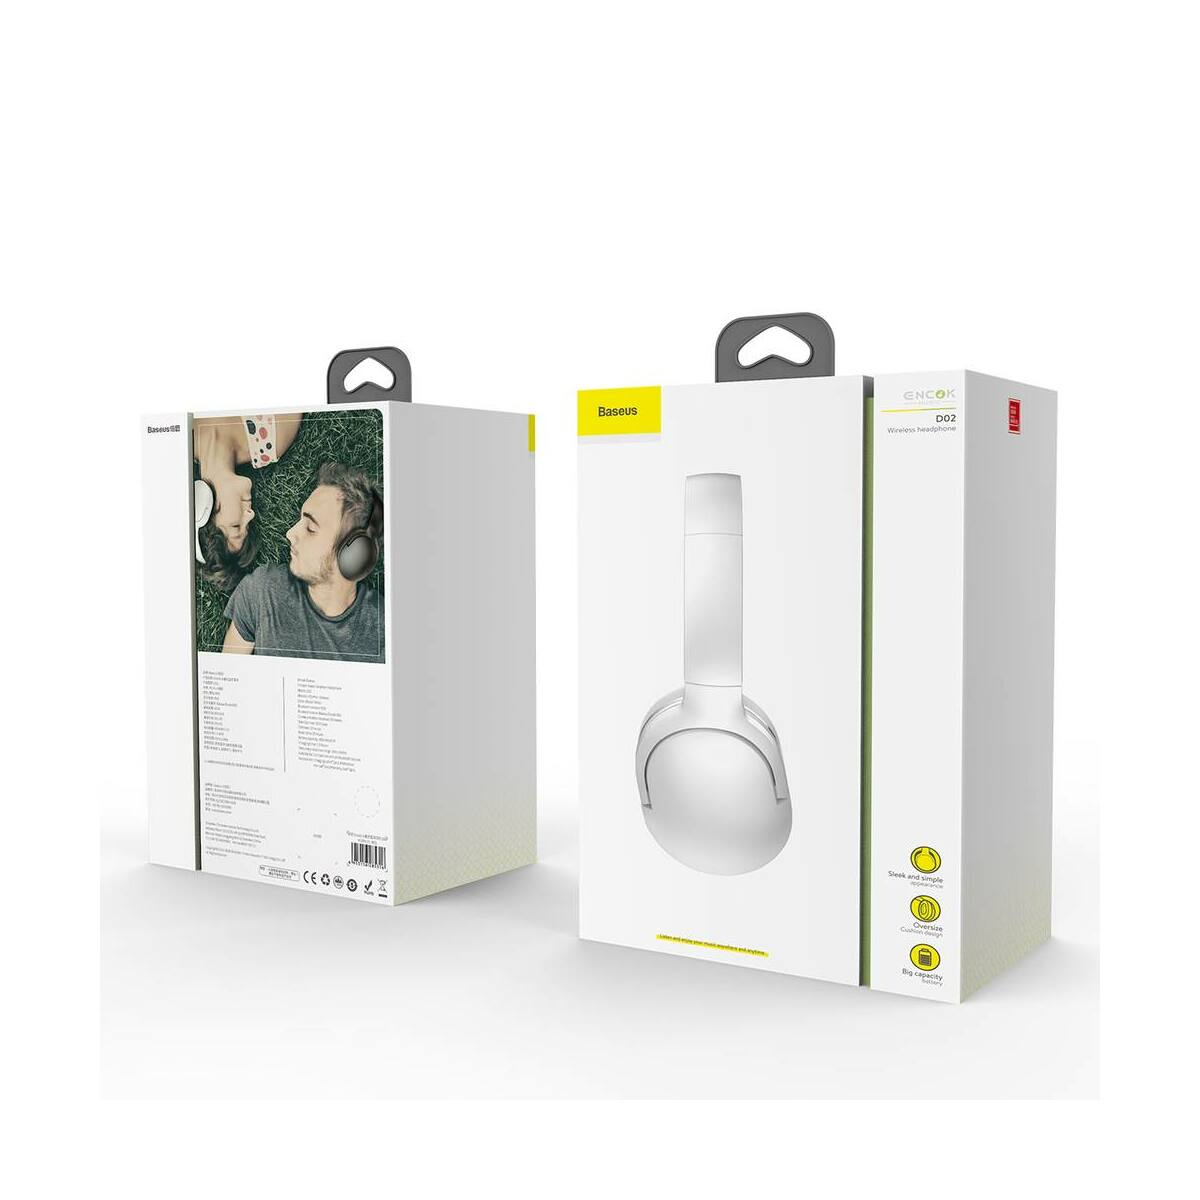 Baseus fejhallgató, Bluetooth Encok D02 vezeték nélküli, fehér (NGD02-02)